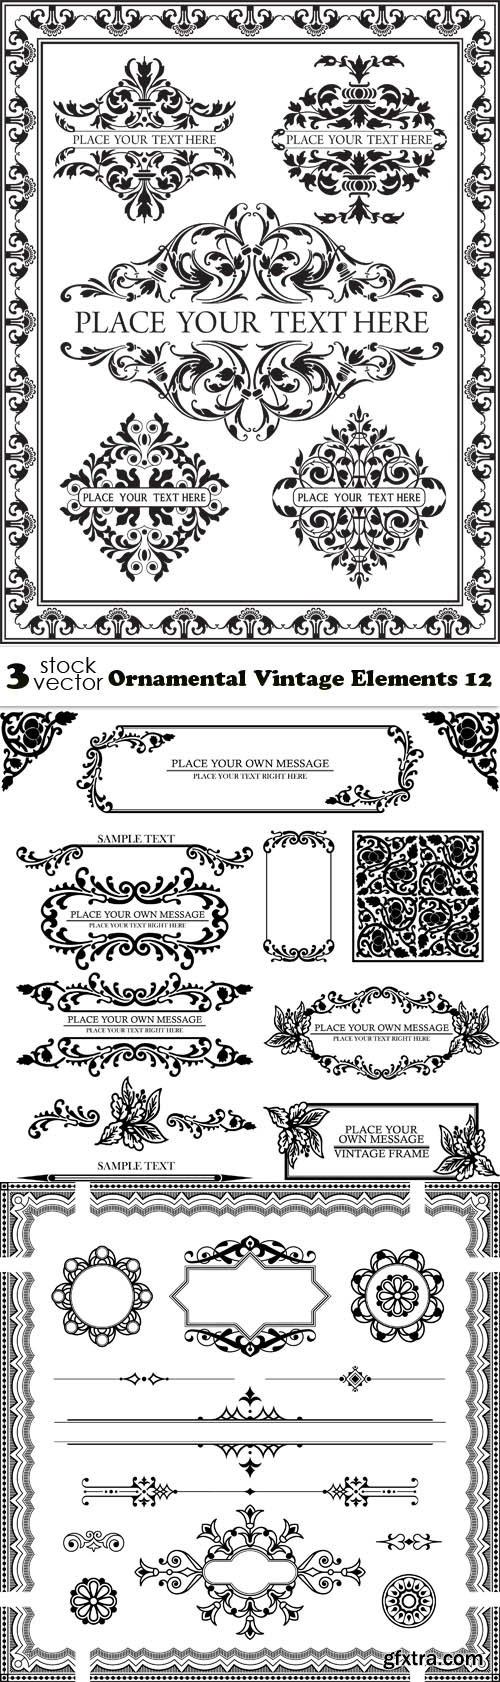 Vectors - Ornamental Vintage Elements 12